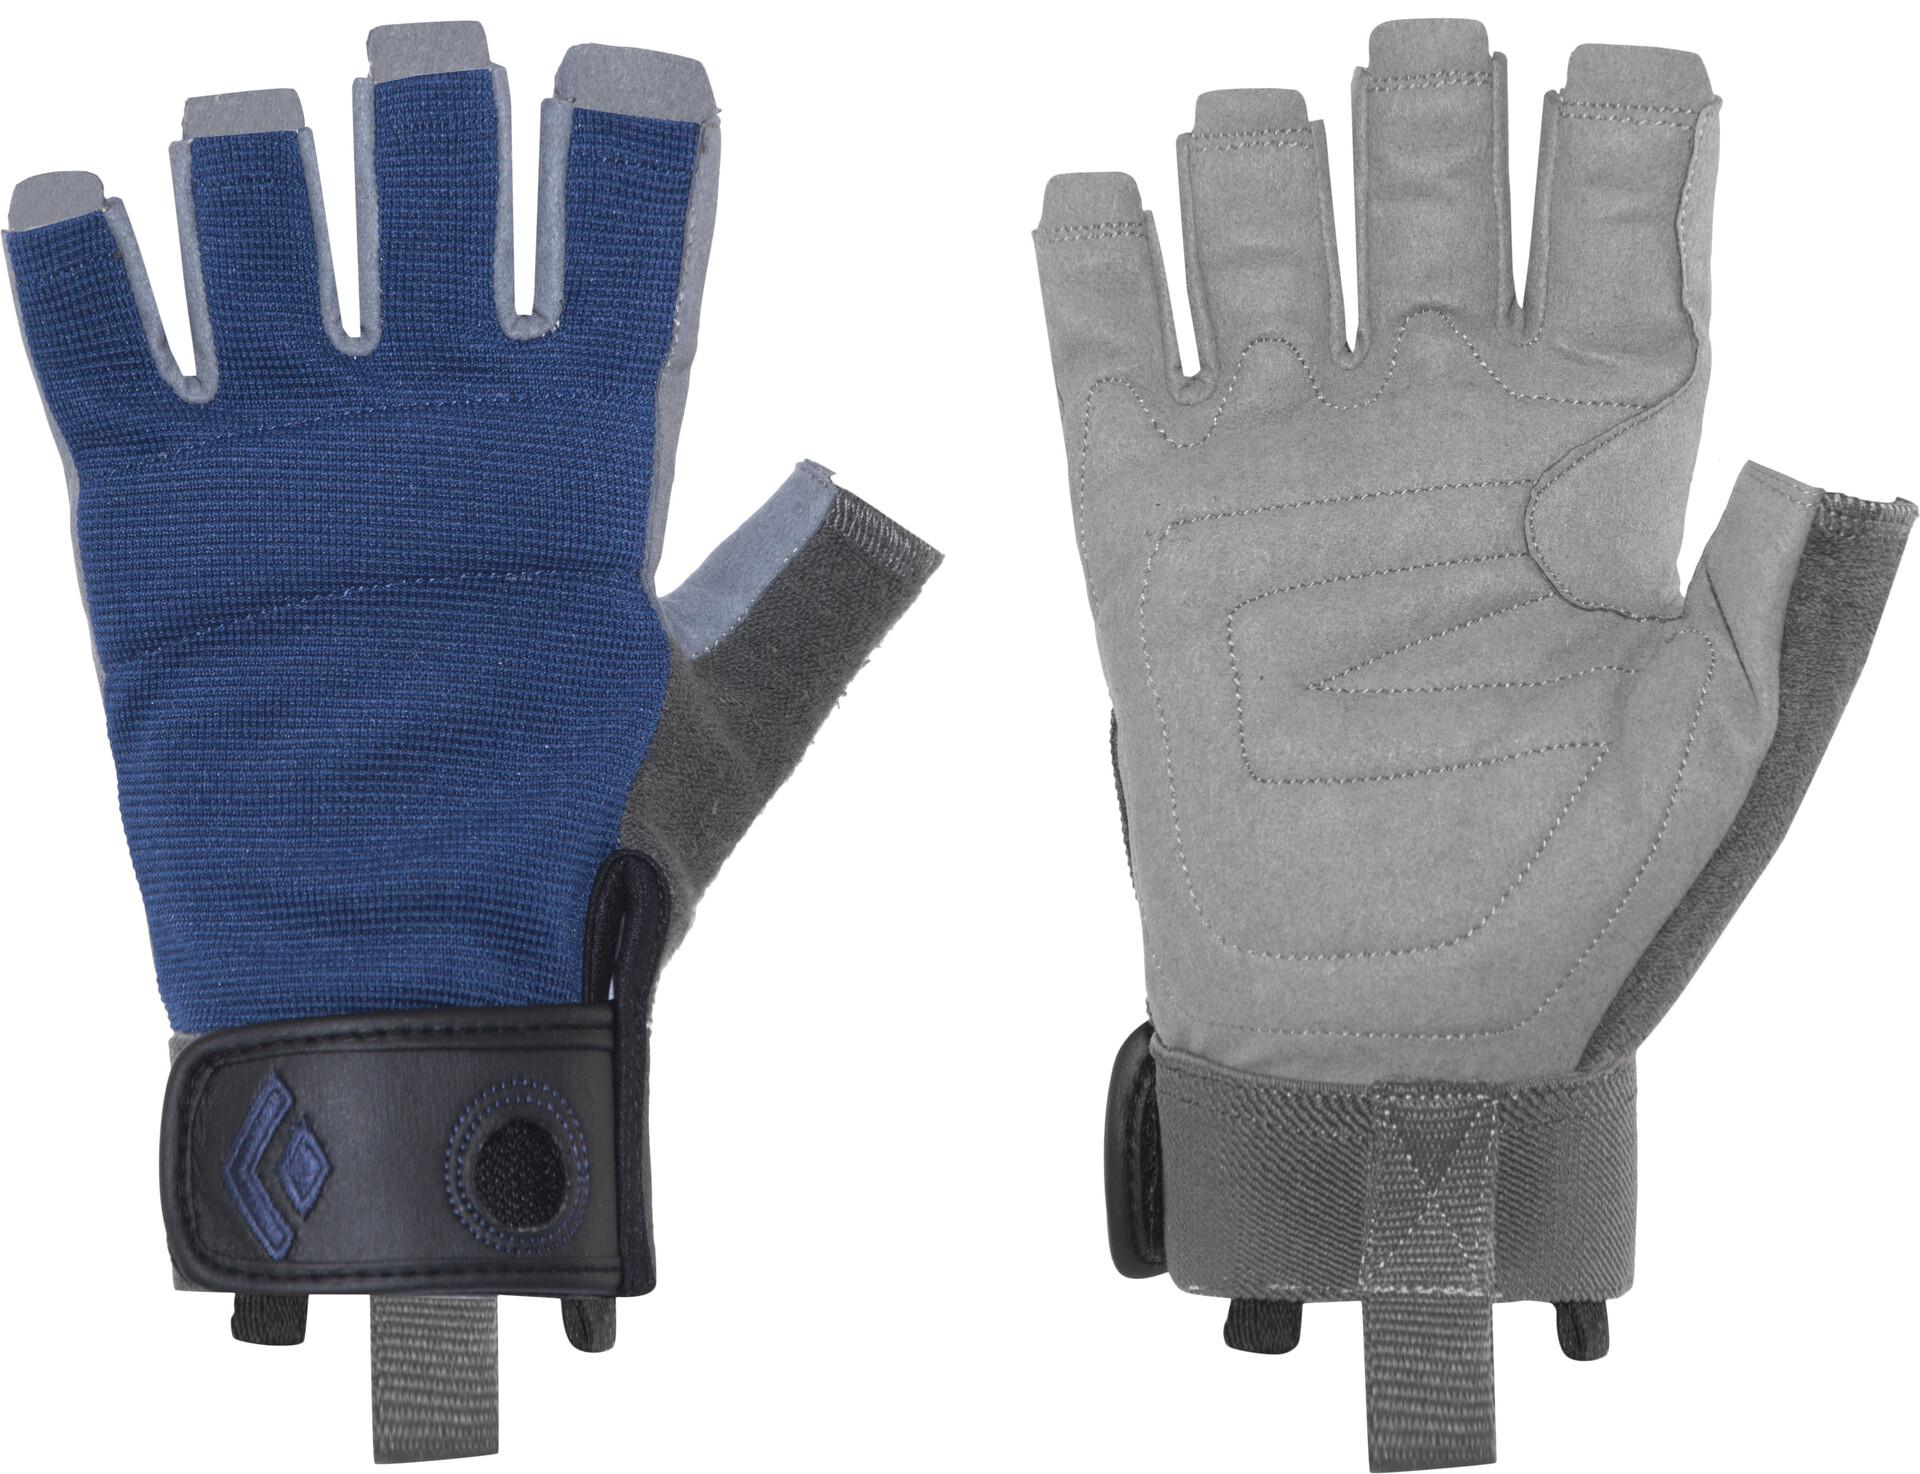 Klettersteig Handschuhe : Black diamond transition glove klettersteighandschuhe günstig bei